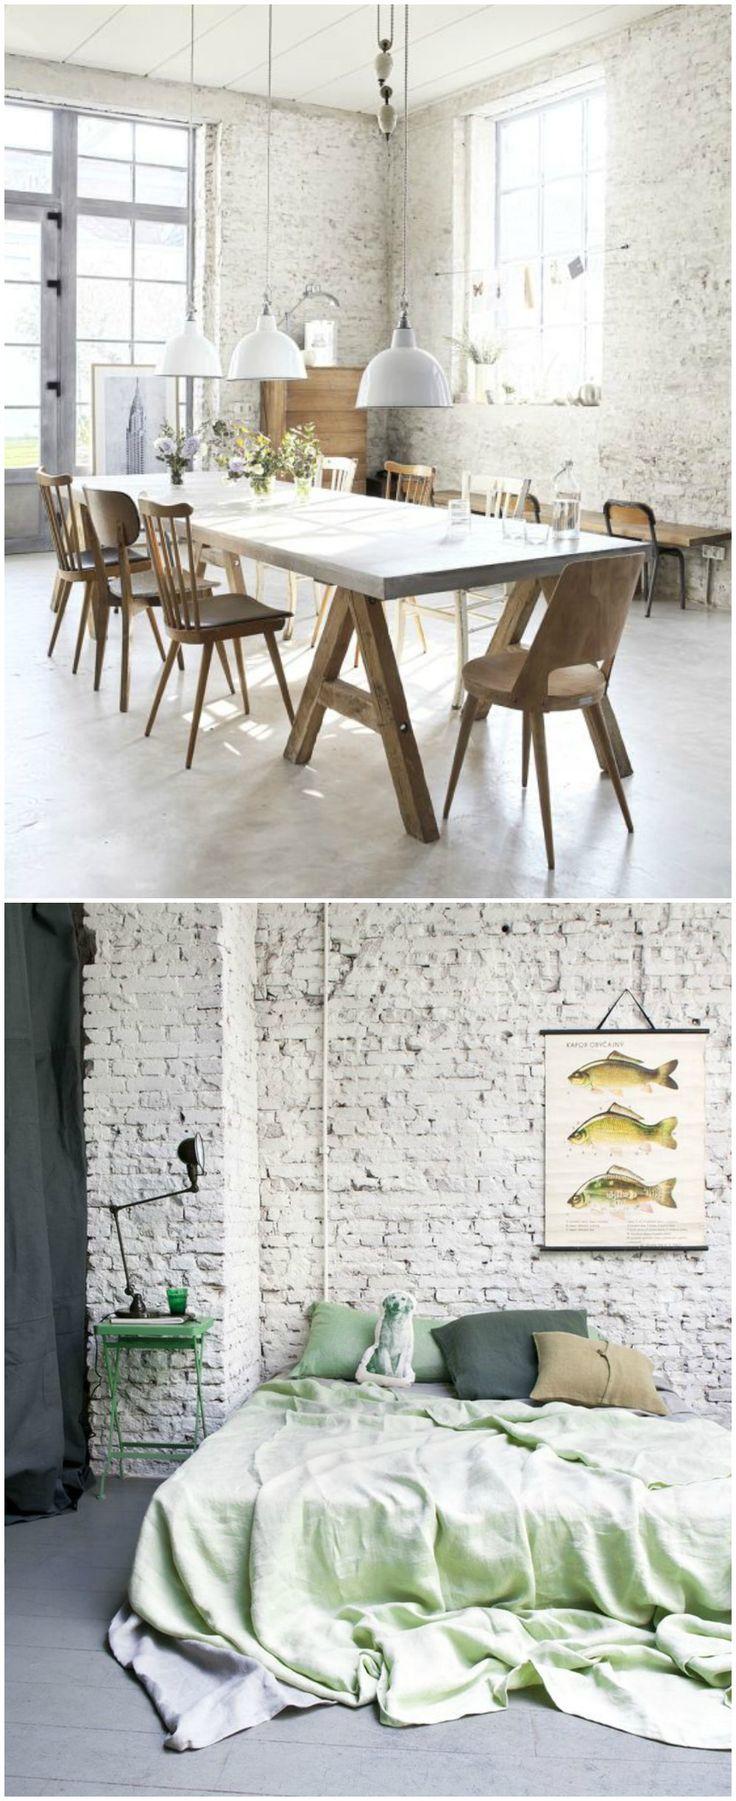 Diy Brick Walls 30 - Amazing DIY Brick Walls Ideas